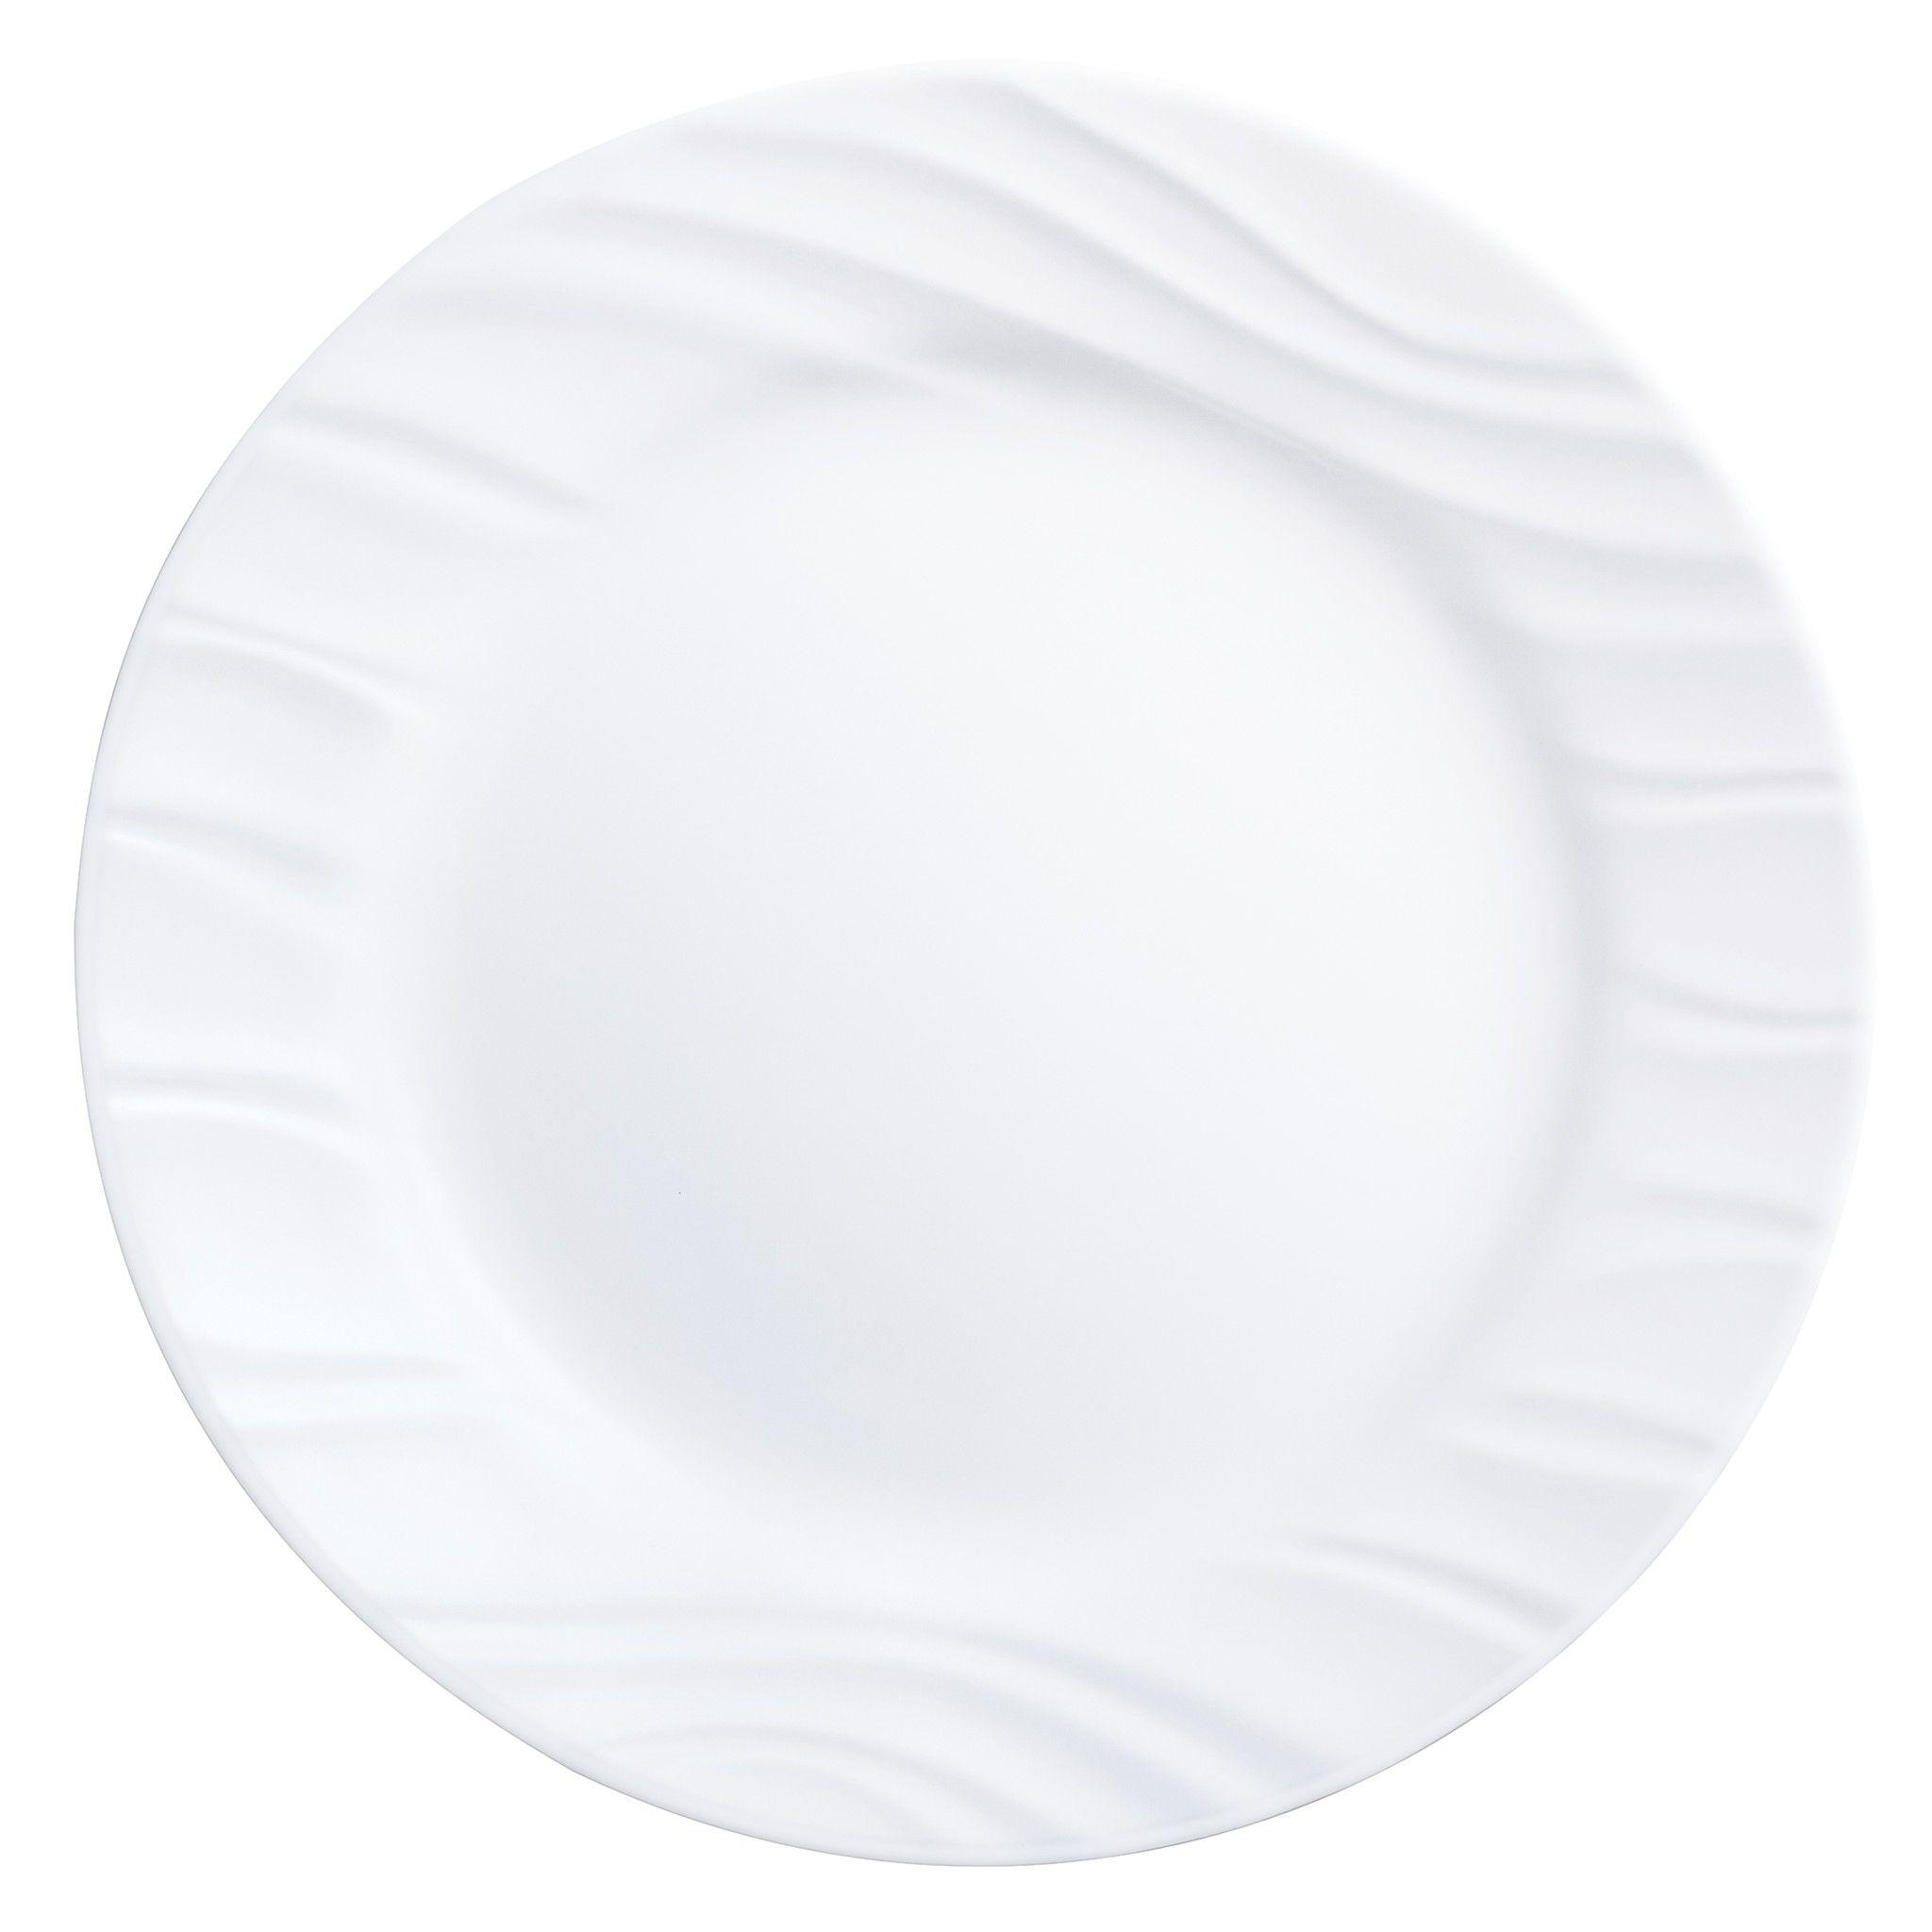 Corelle_Swept_1075_Dinner_Plate